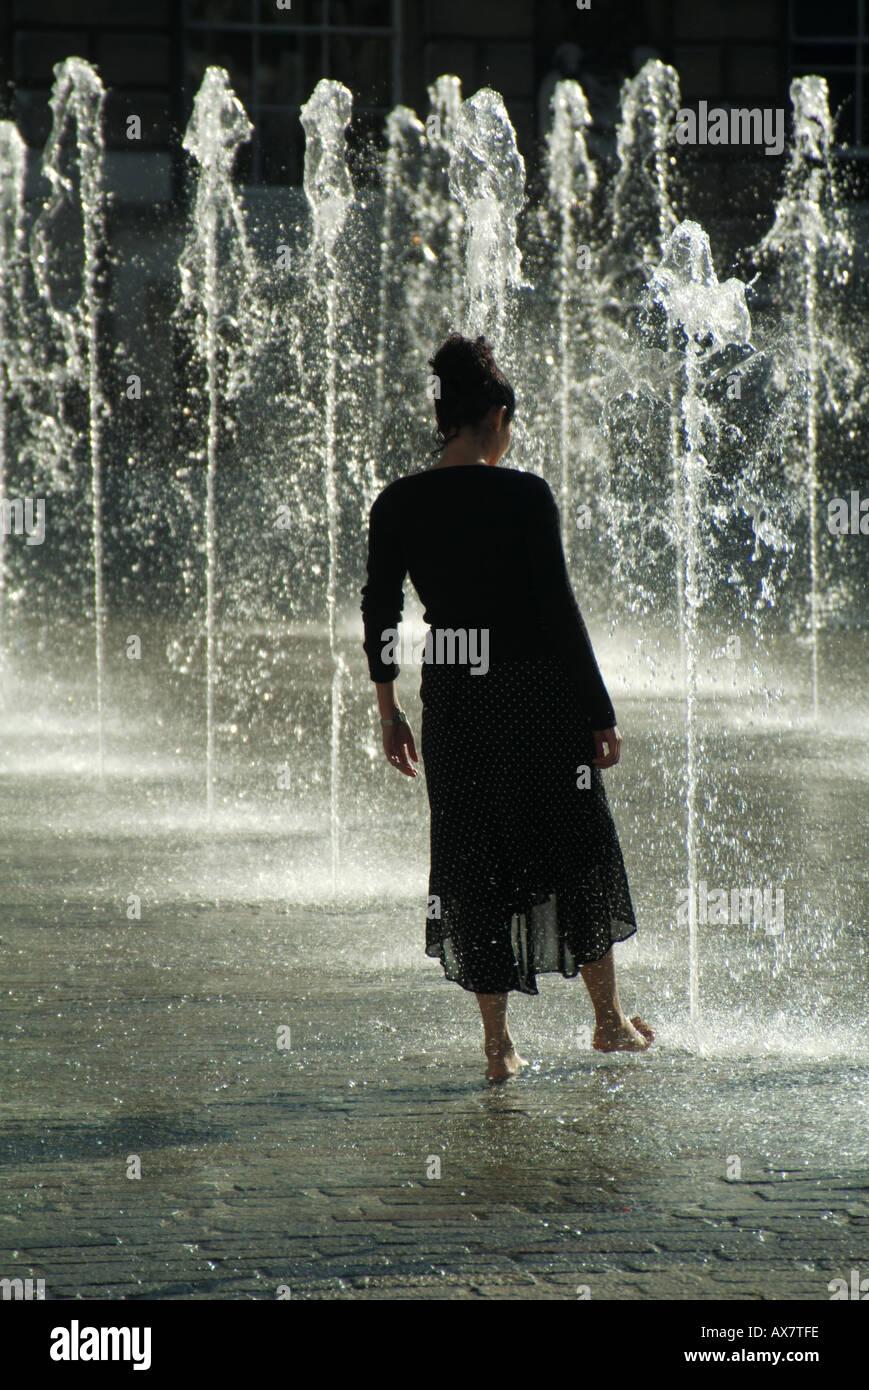 Jeune femme fontaine d'eau chaude de l'été les tests de concepts l'eau ou trempage dans l'eau toe London England UK Photo Stock